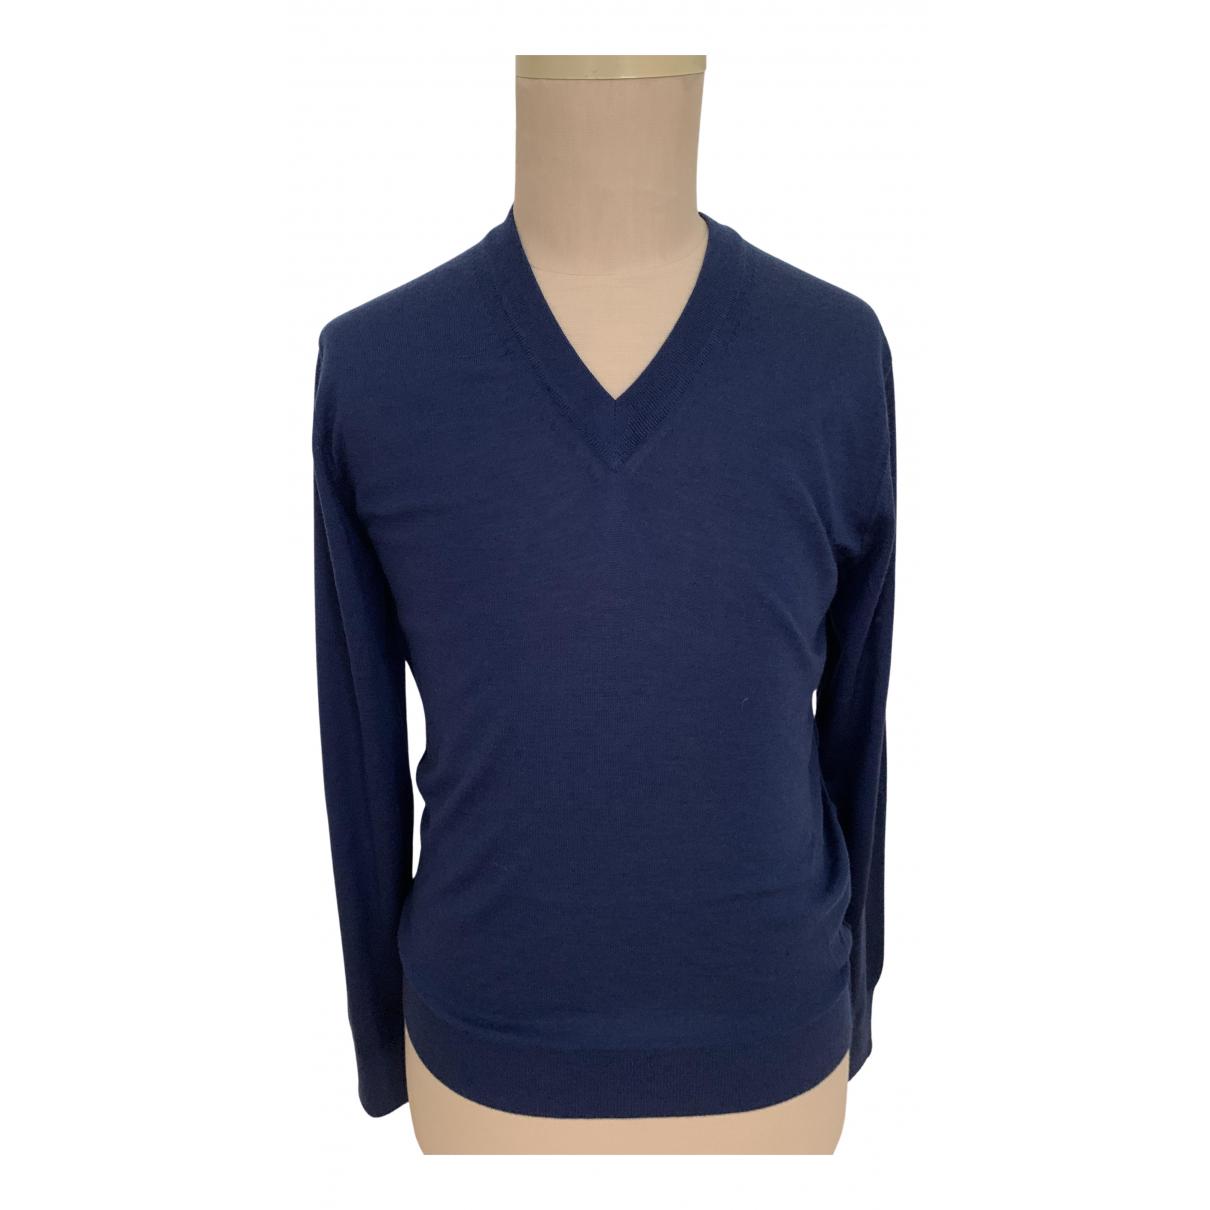 Dolce & Gabbana - Pulls.Gilets.Sweats   pour homme en cachemire - bleu